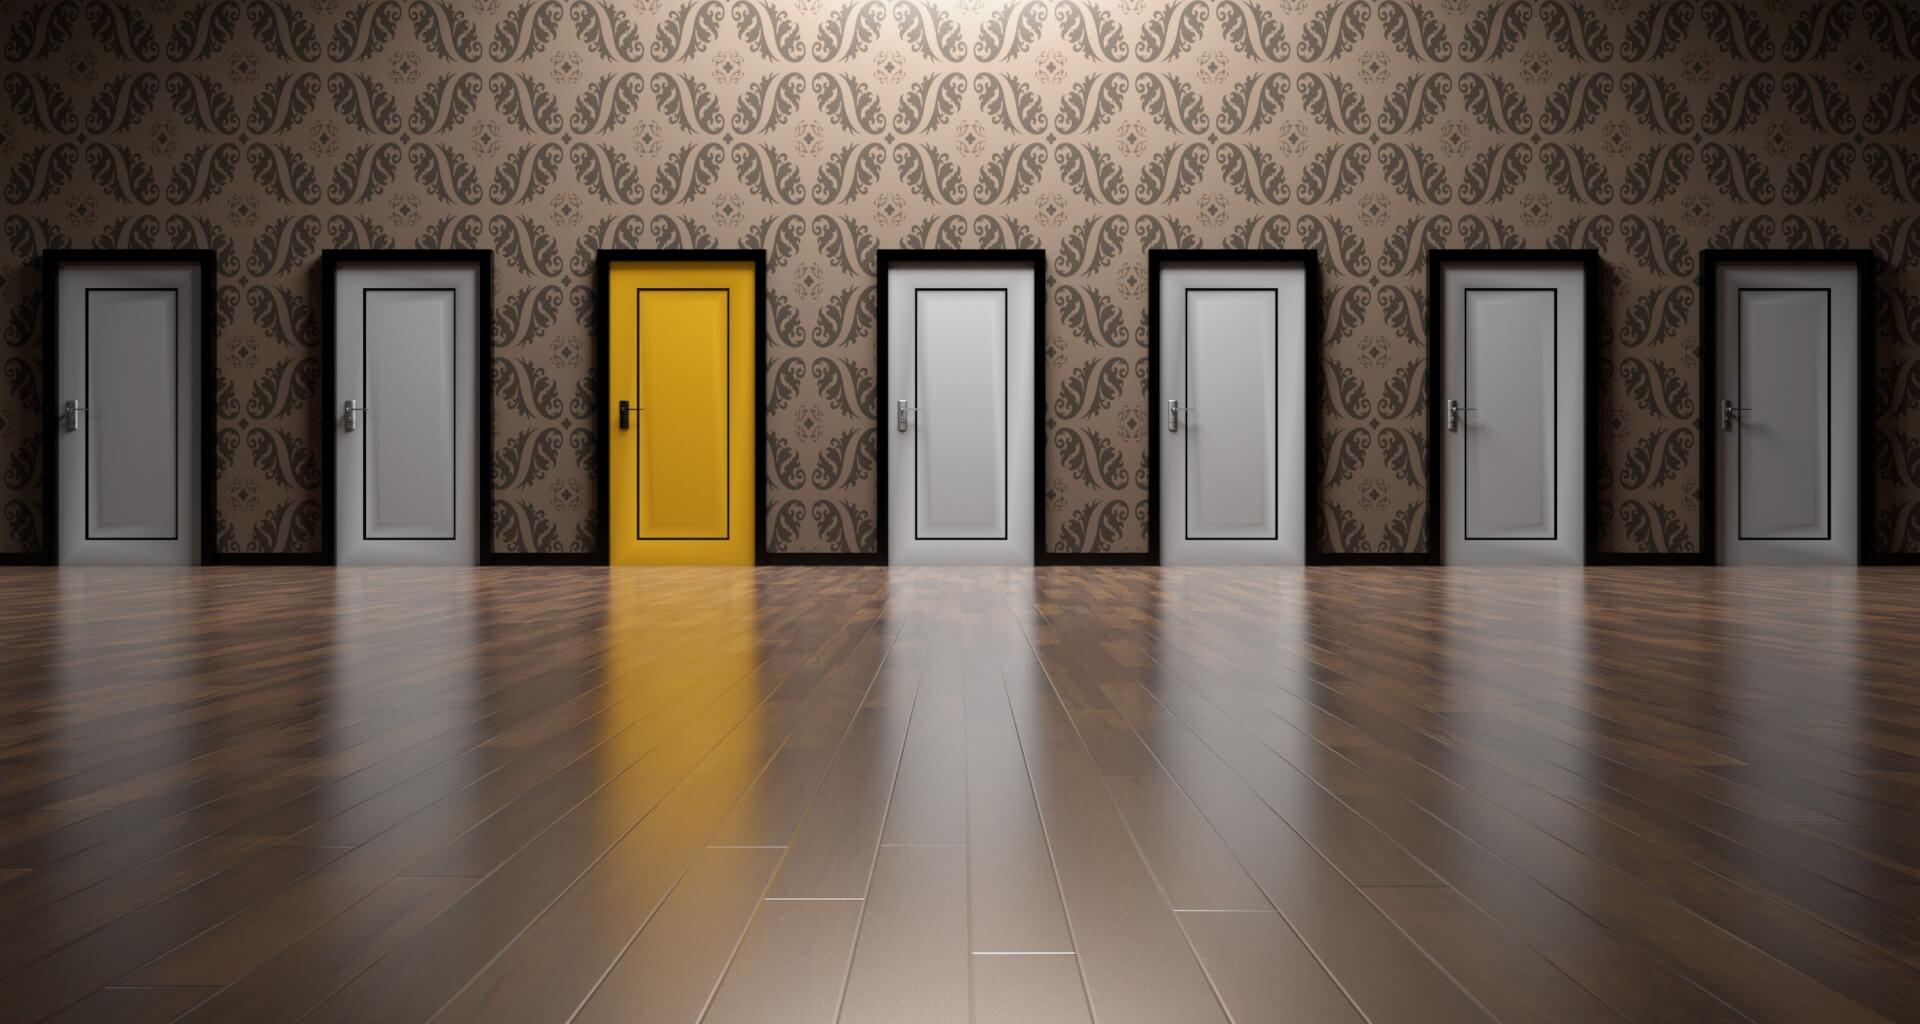 images de portes blanches dont une jaune